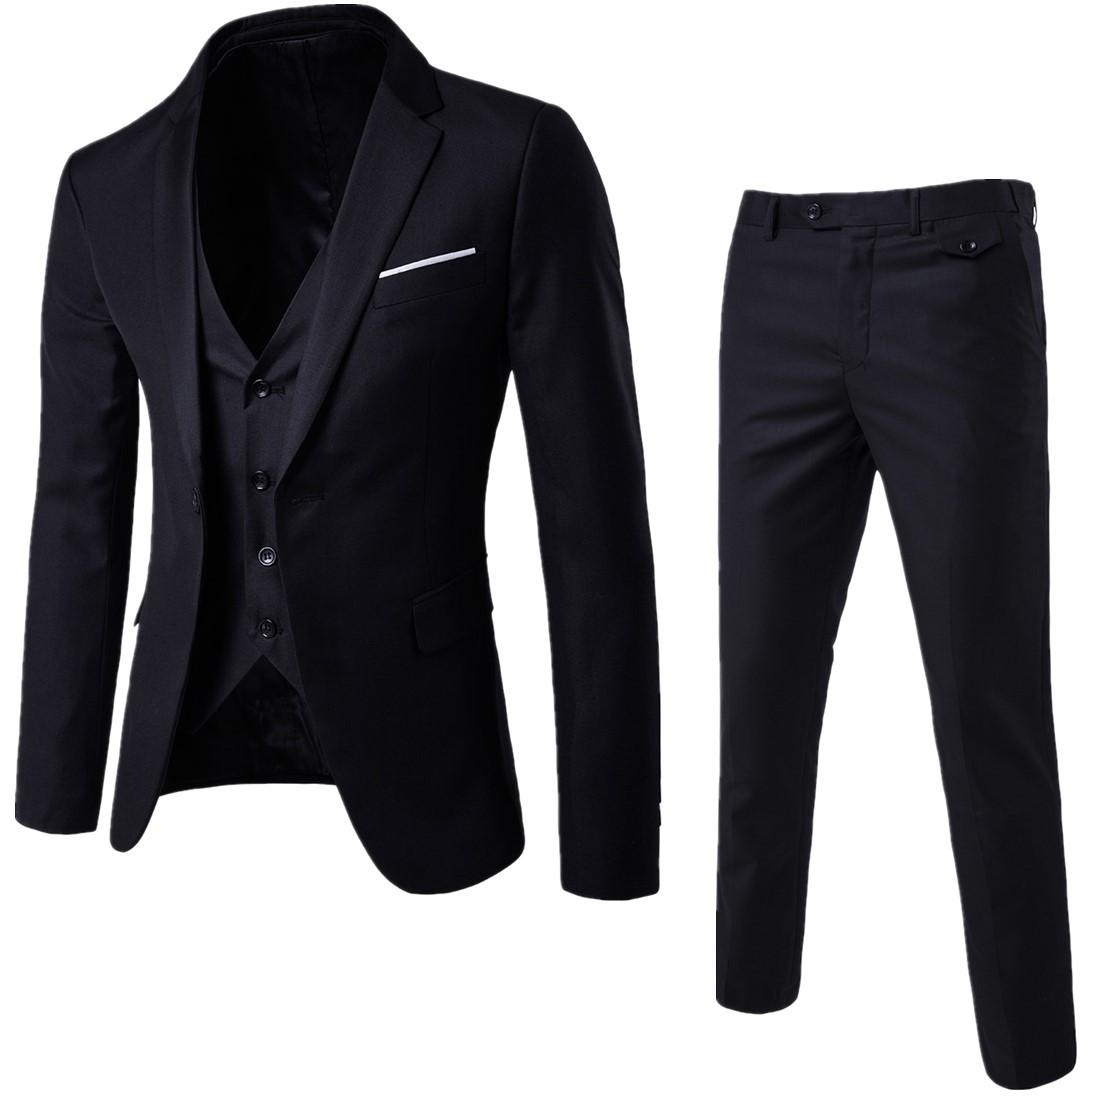 HONGX Fashion Korean Style Men Business Suit Set Formal Suits Pants Vest  Full Set Slim Fit 51d62ed70